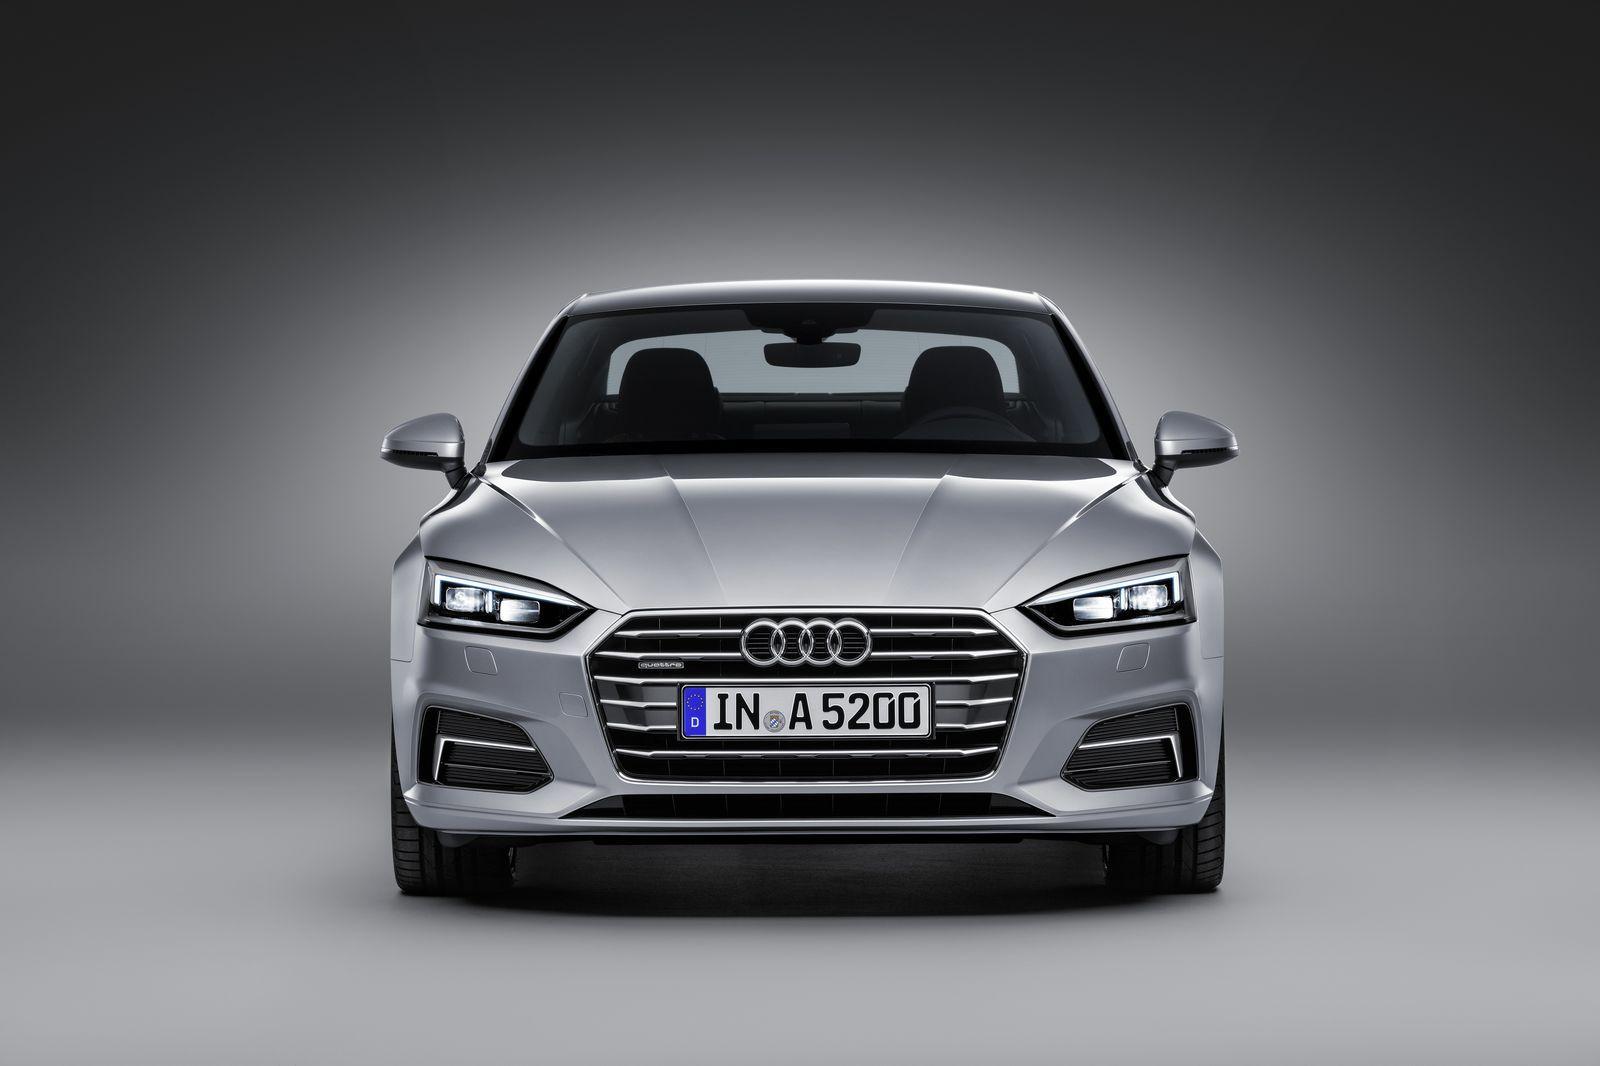 Audi A5 Coupe 2016: Атлетичная эволюция